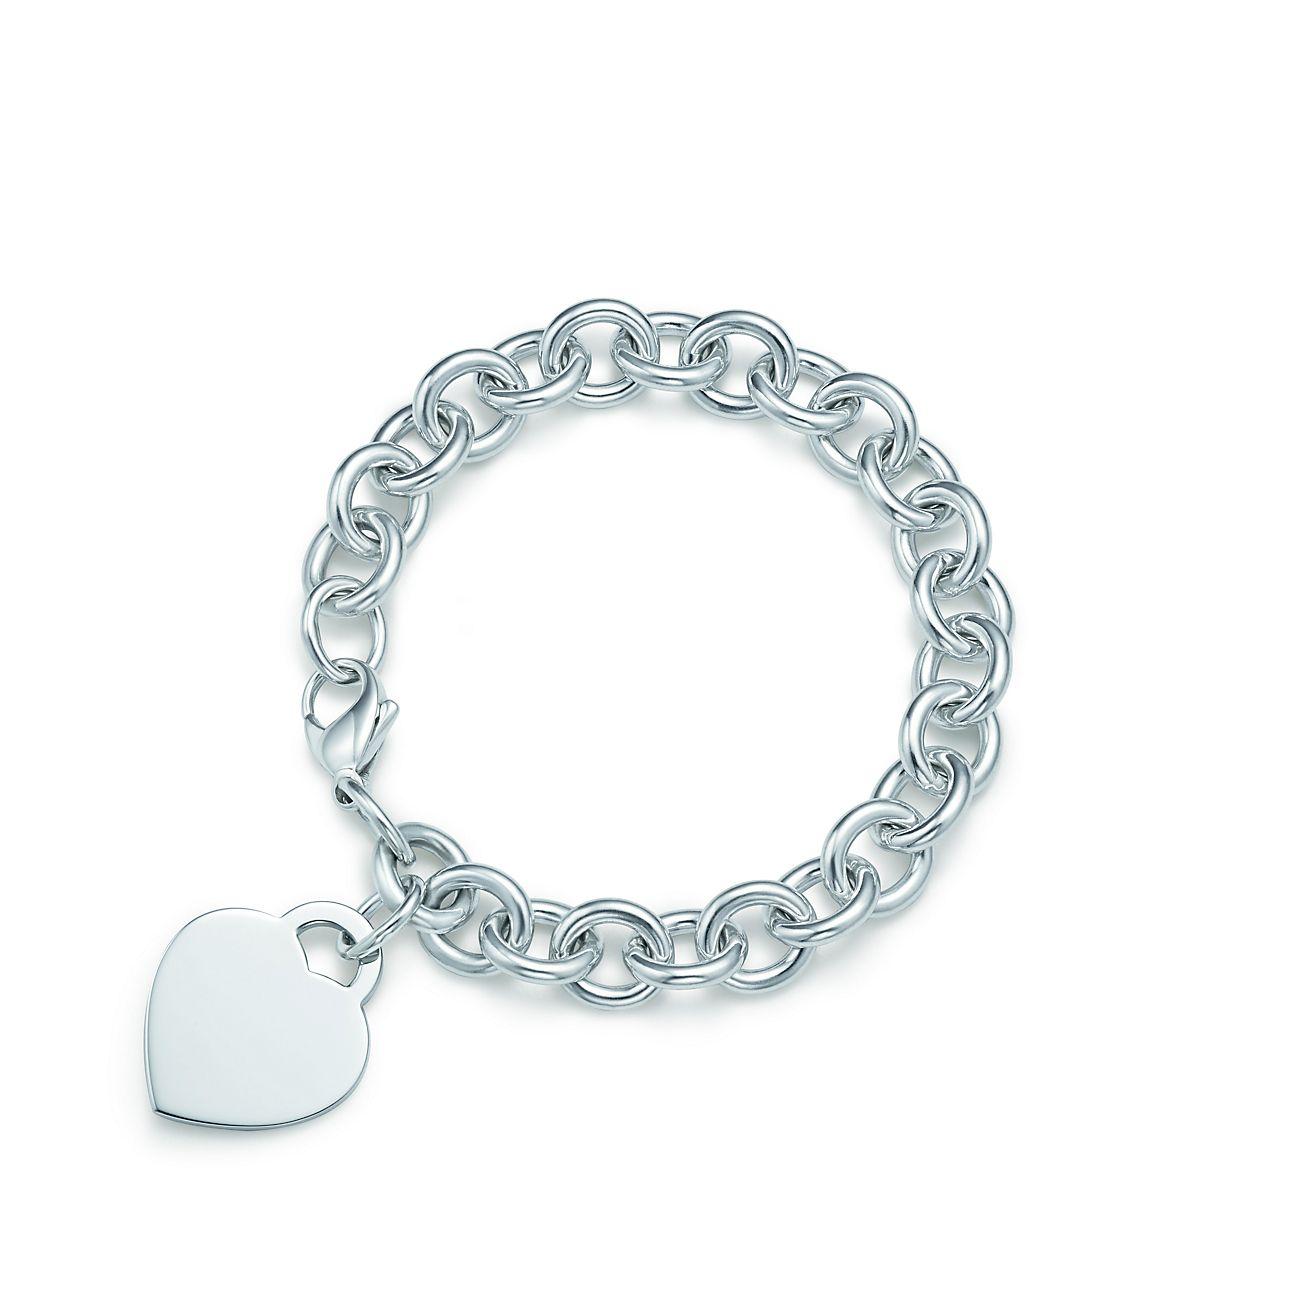 Tiffany Hearts Heart Tag Charm Bracelet